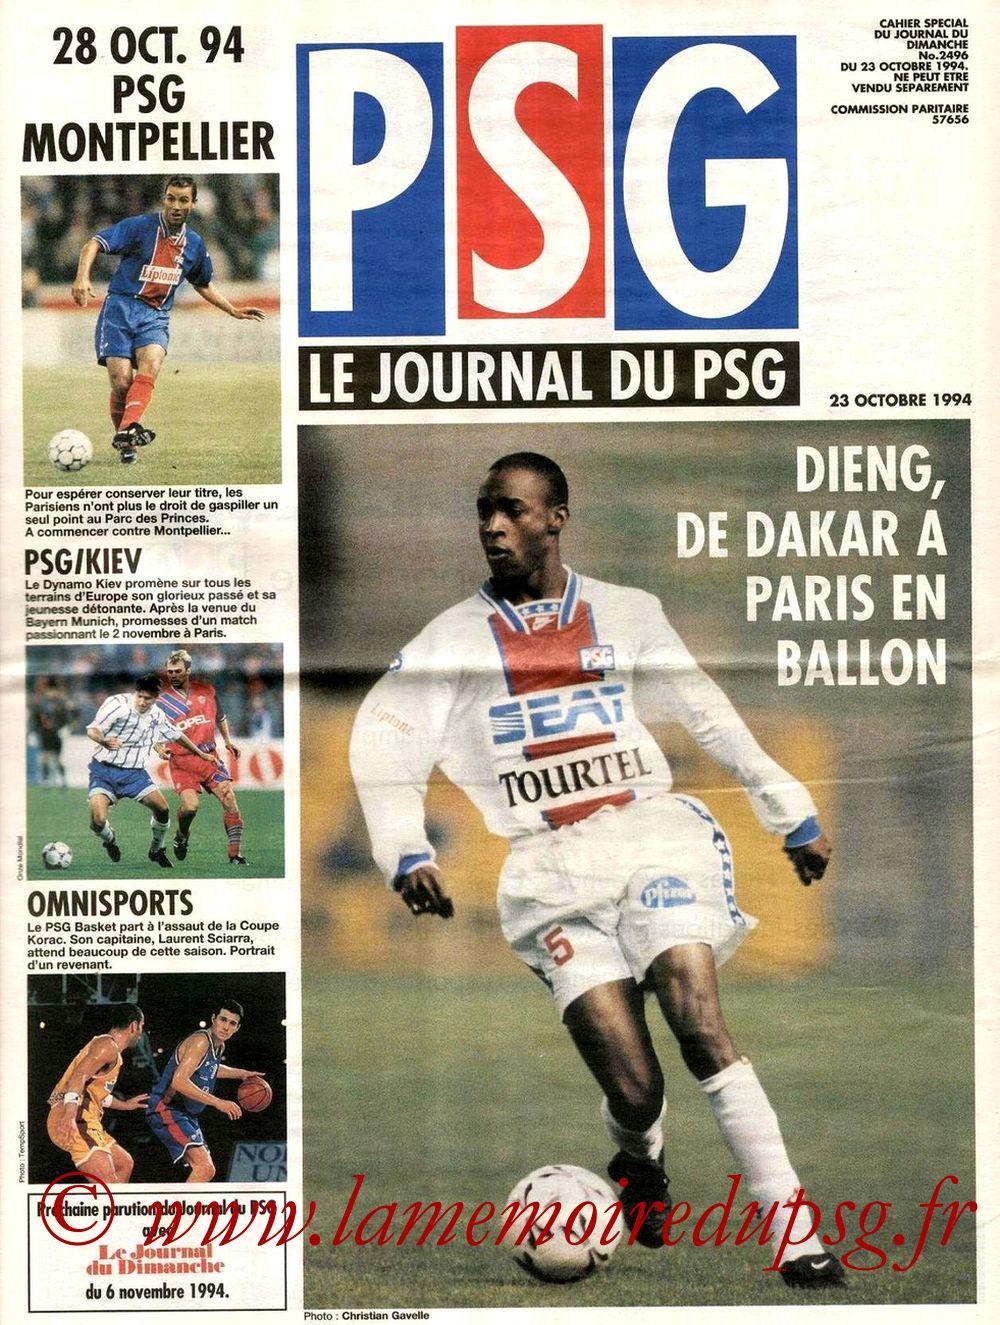 1994-11-02  PSG-Dynamo Kiev (4ème Poule C1, Le journal du PSG N°6)